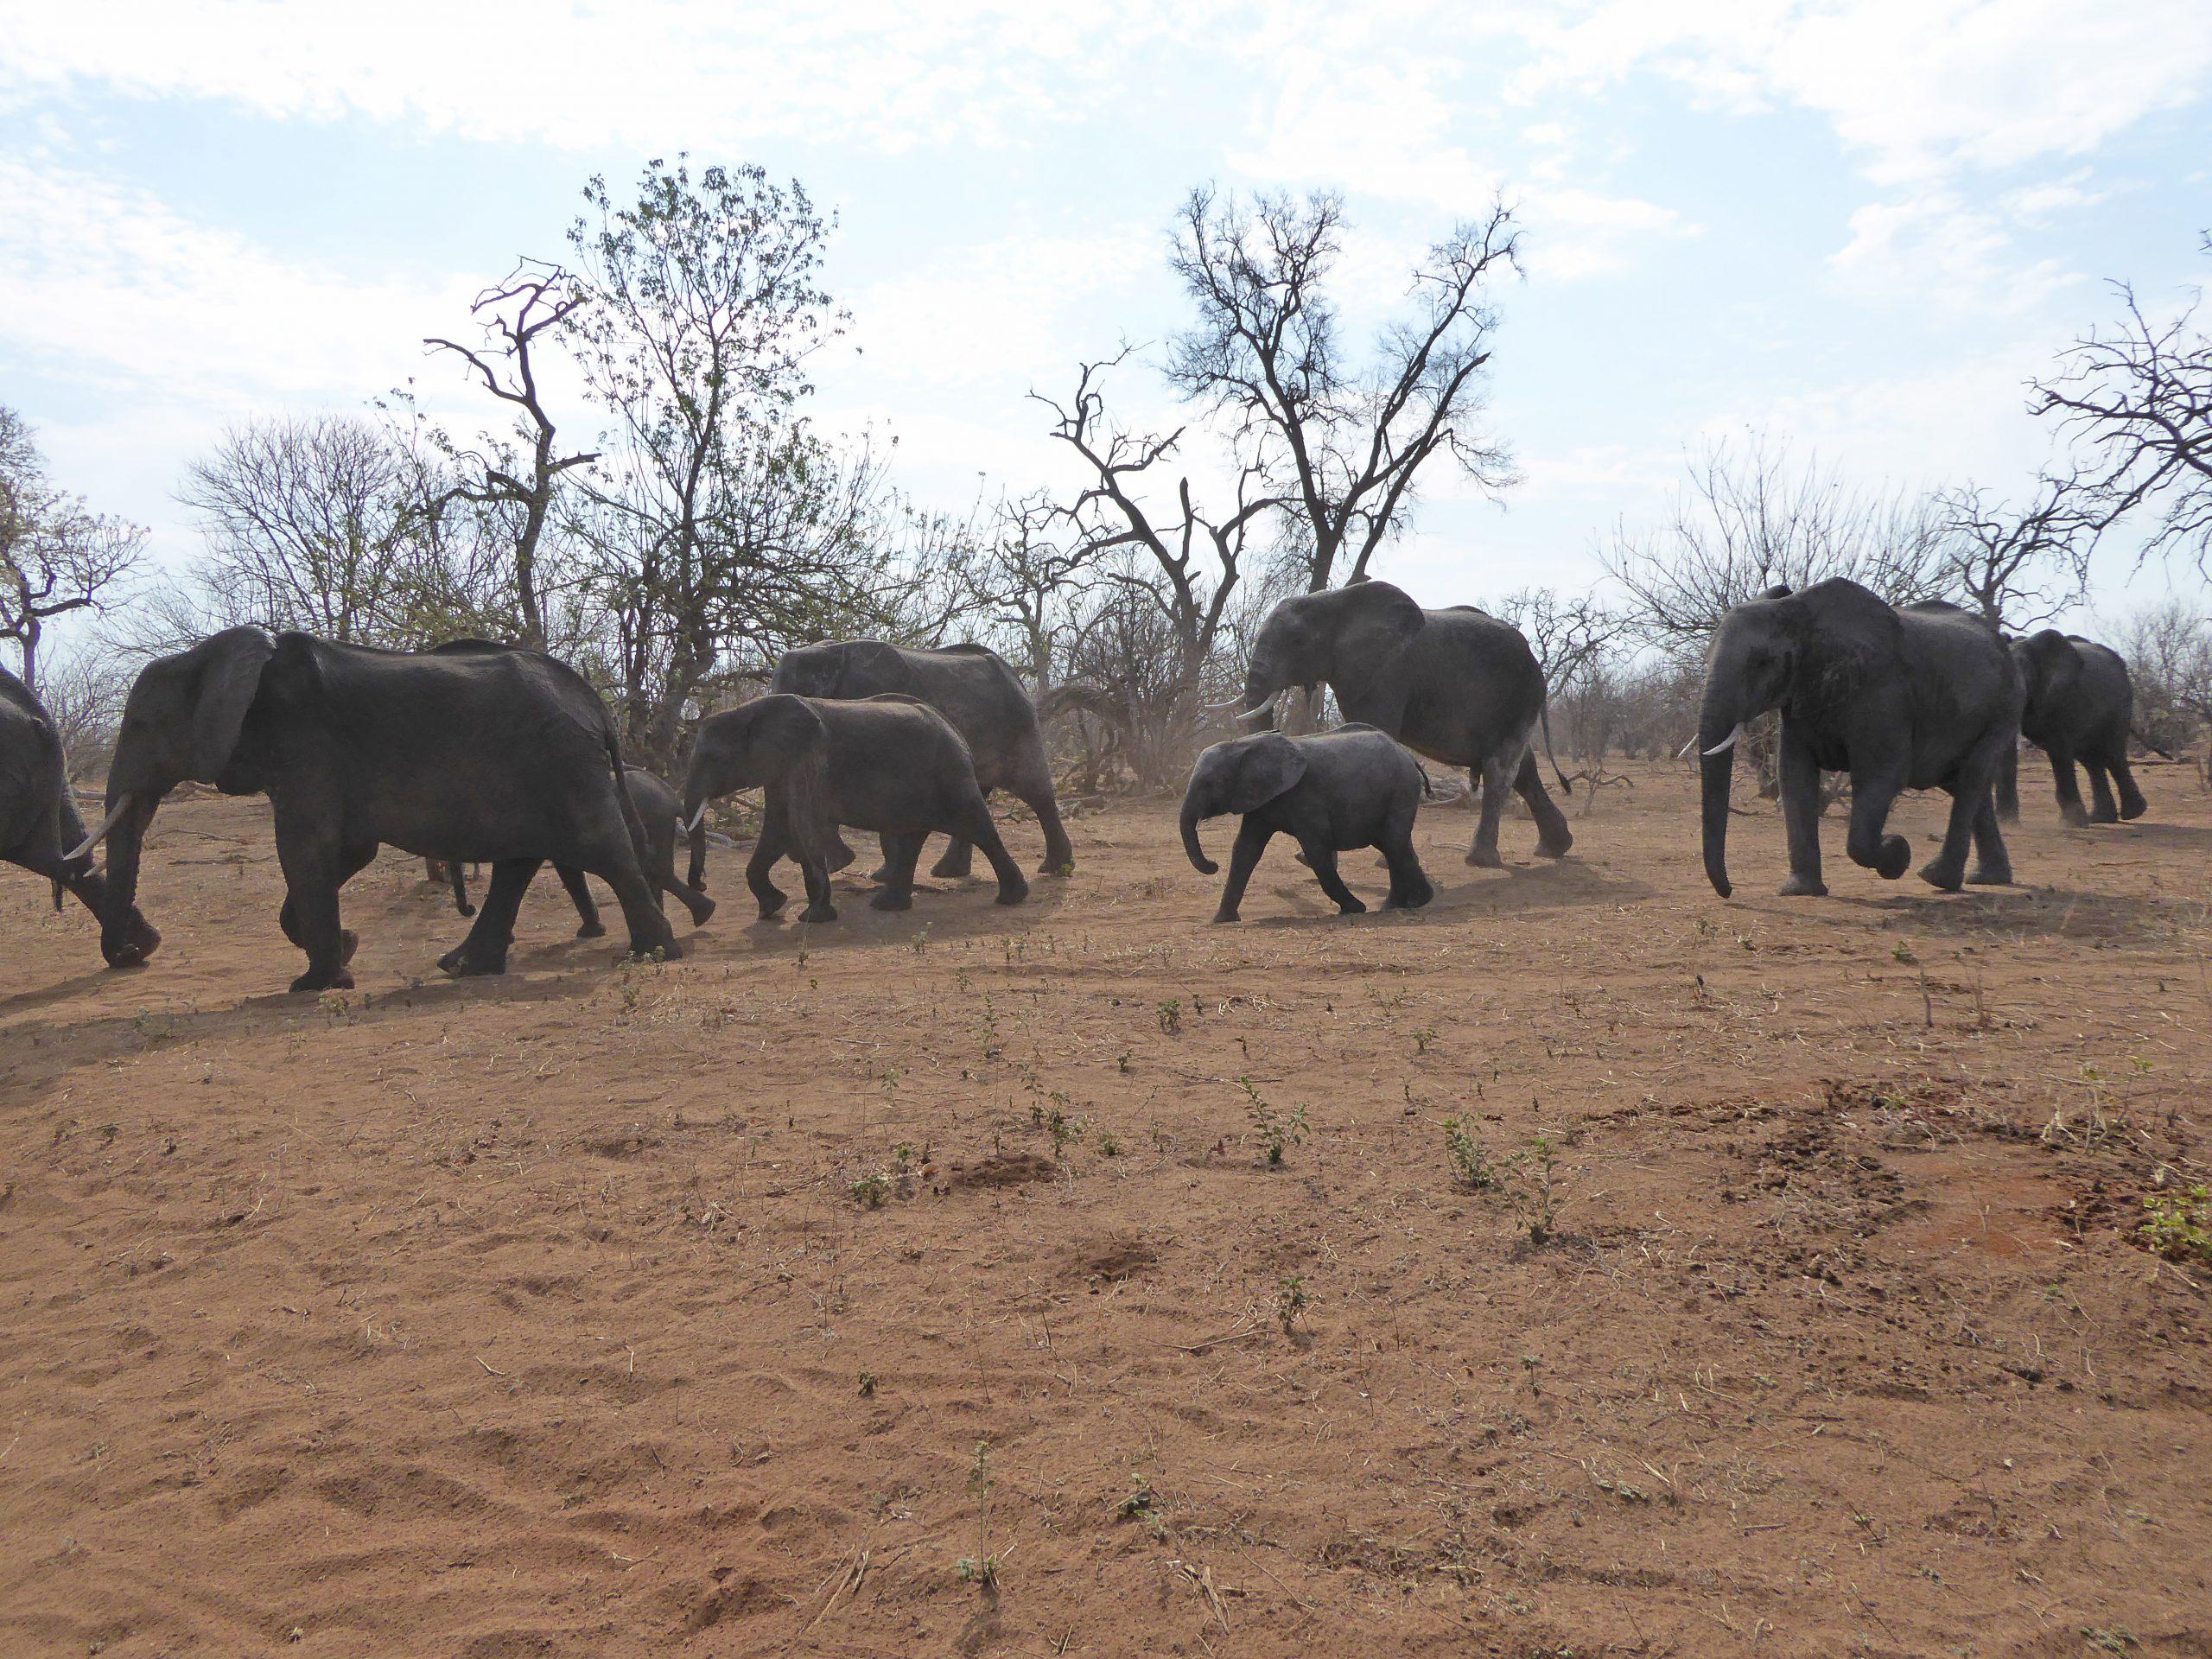 Radreise Afrika 2014 - Chobe NP - Elefantenherde